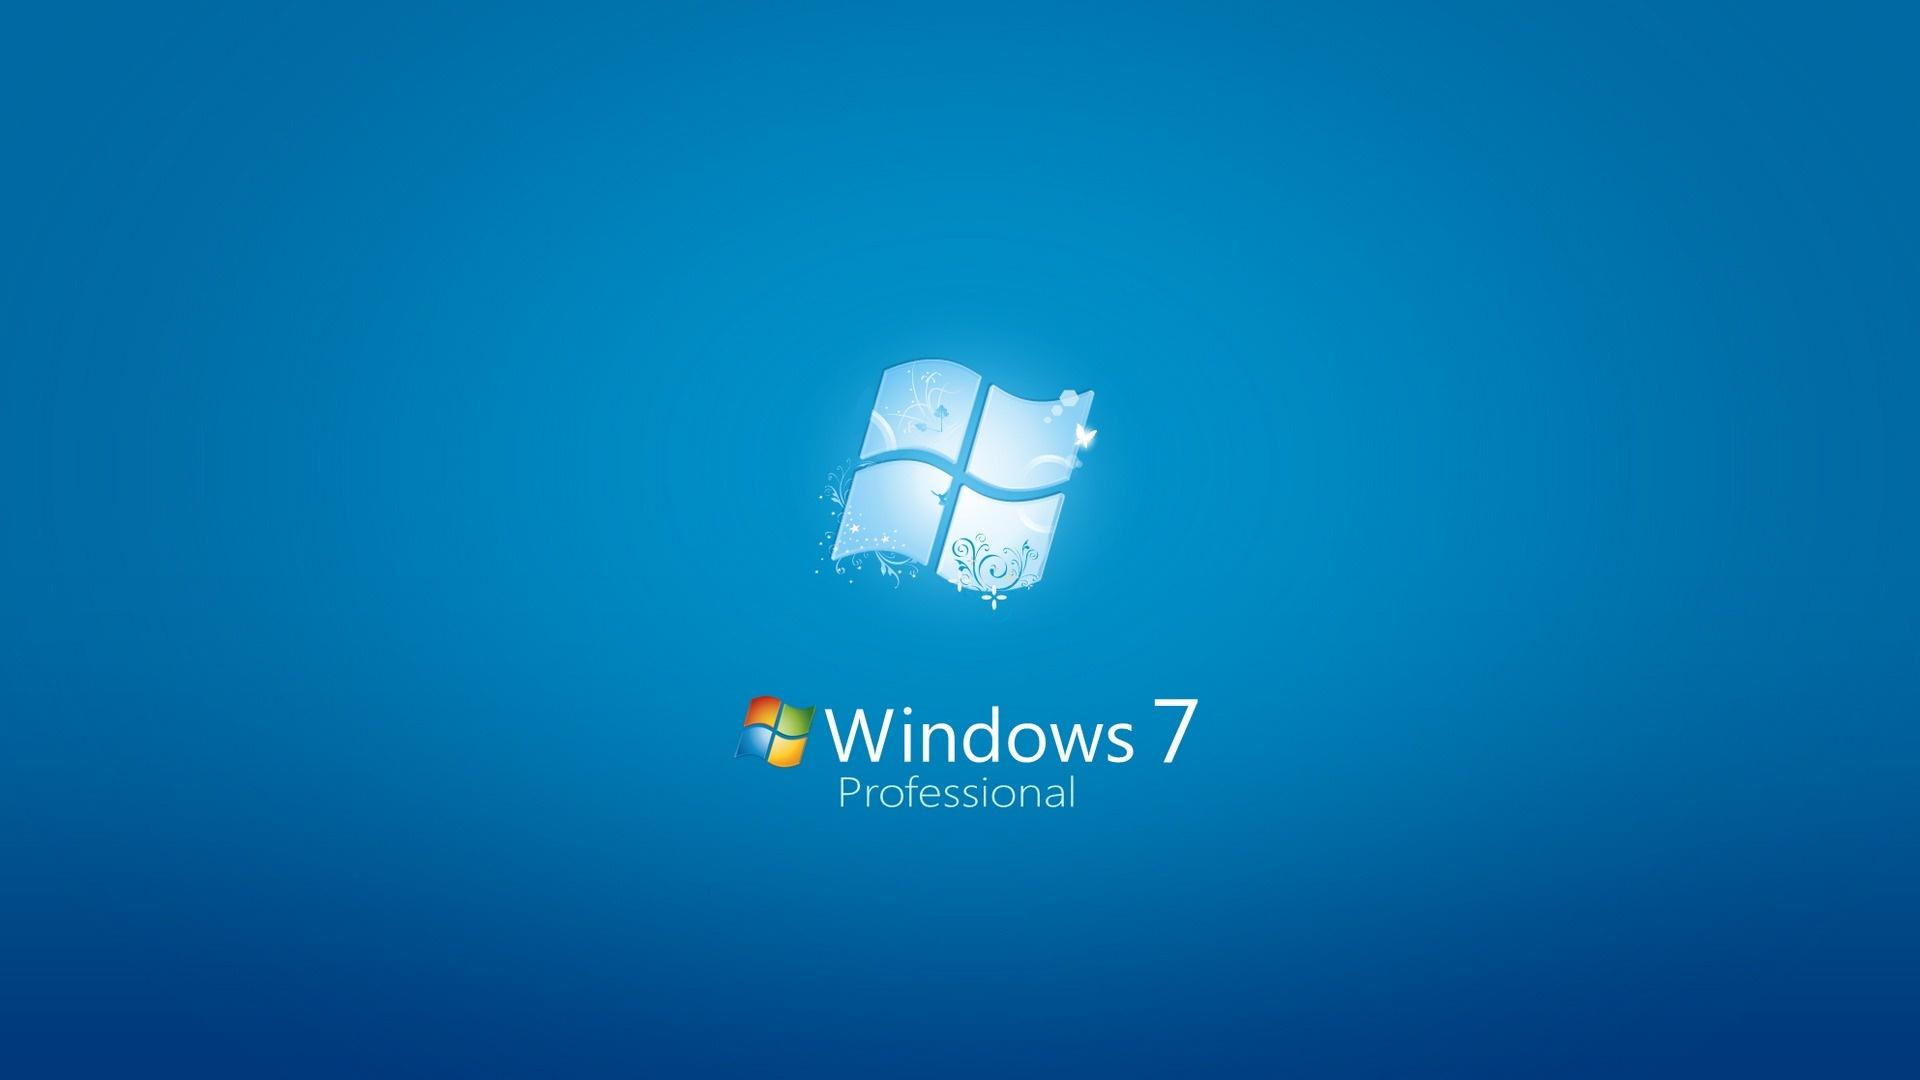 نسخه 32 بیتی سرویس پک 1 ویندوز هفت